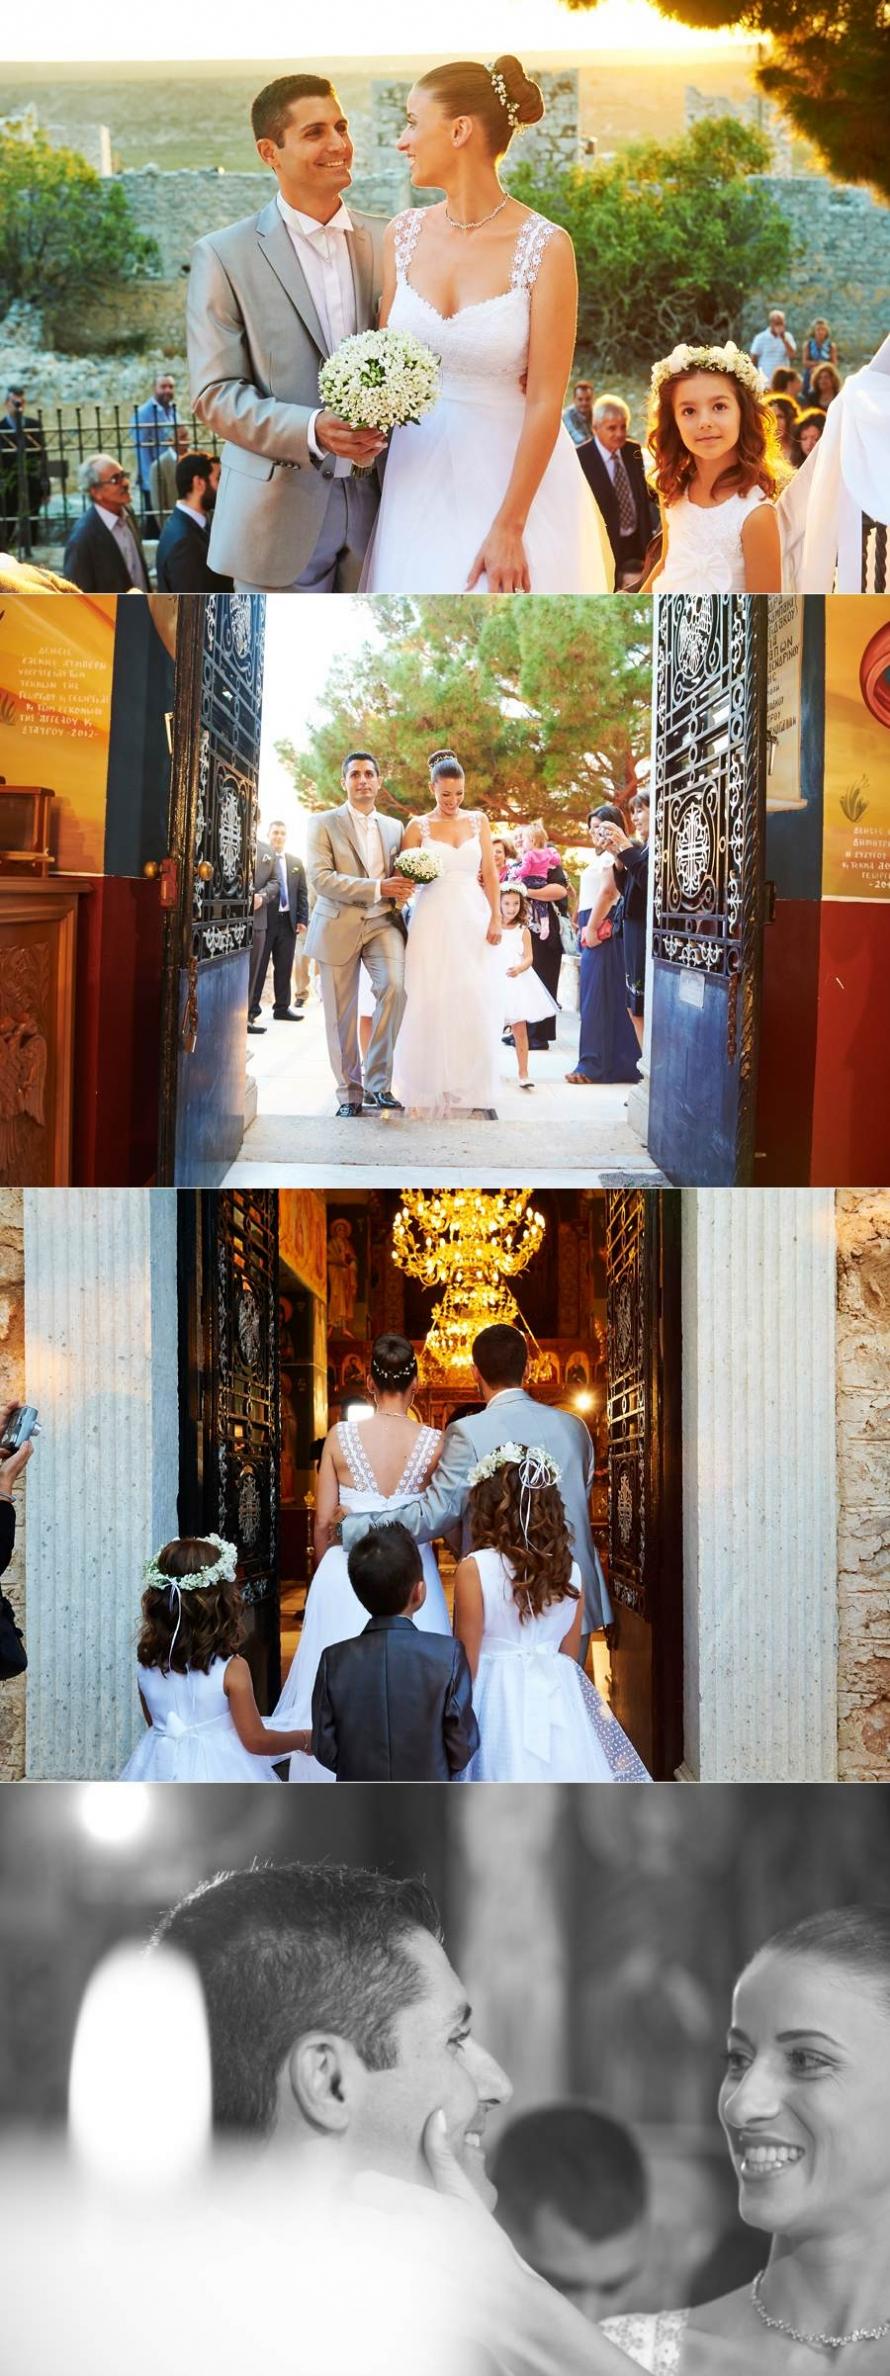 Nikos Anastasia wedding photos_0011